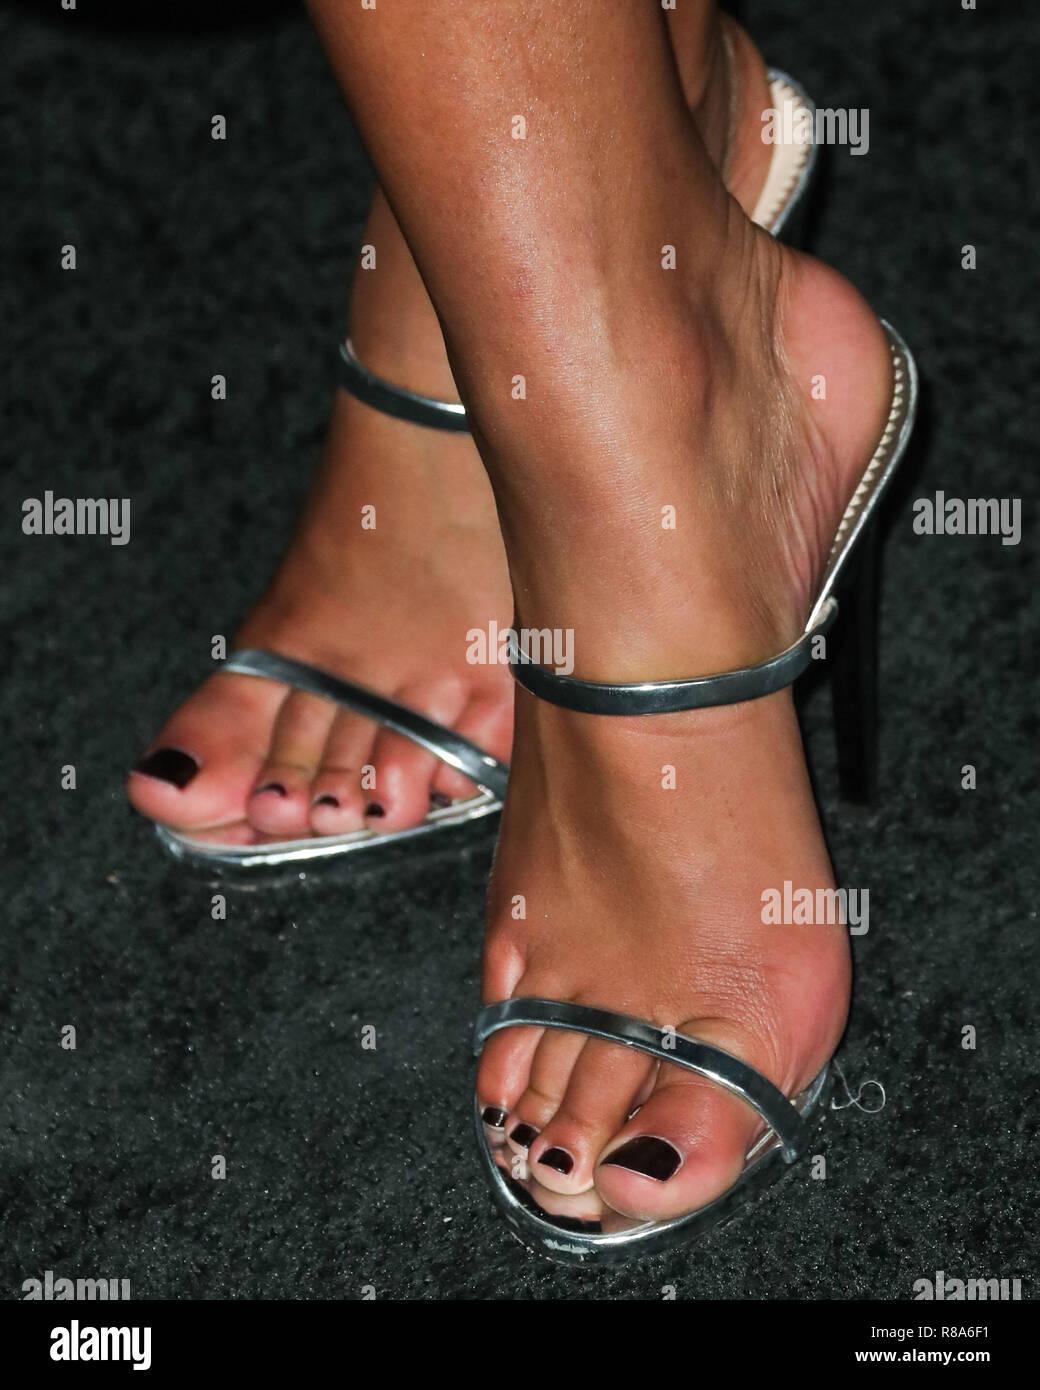 Feet Laura Monroy nudes (87 photos), Ass, Hot, Boobs, cleavage 2019